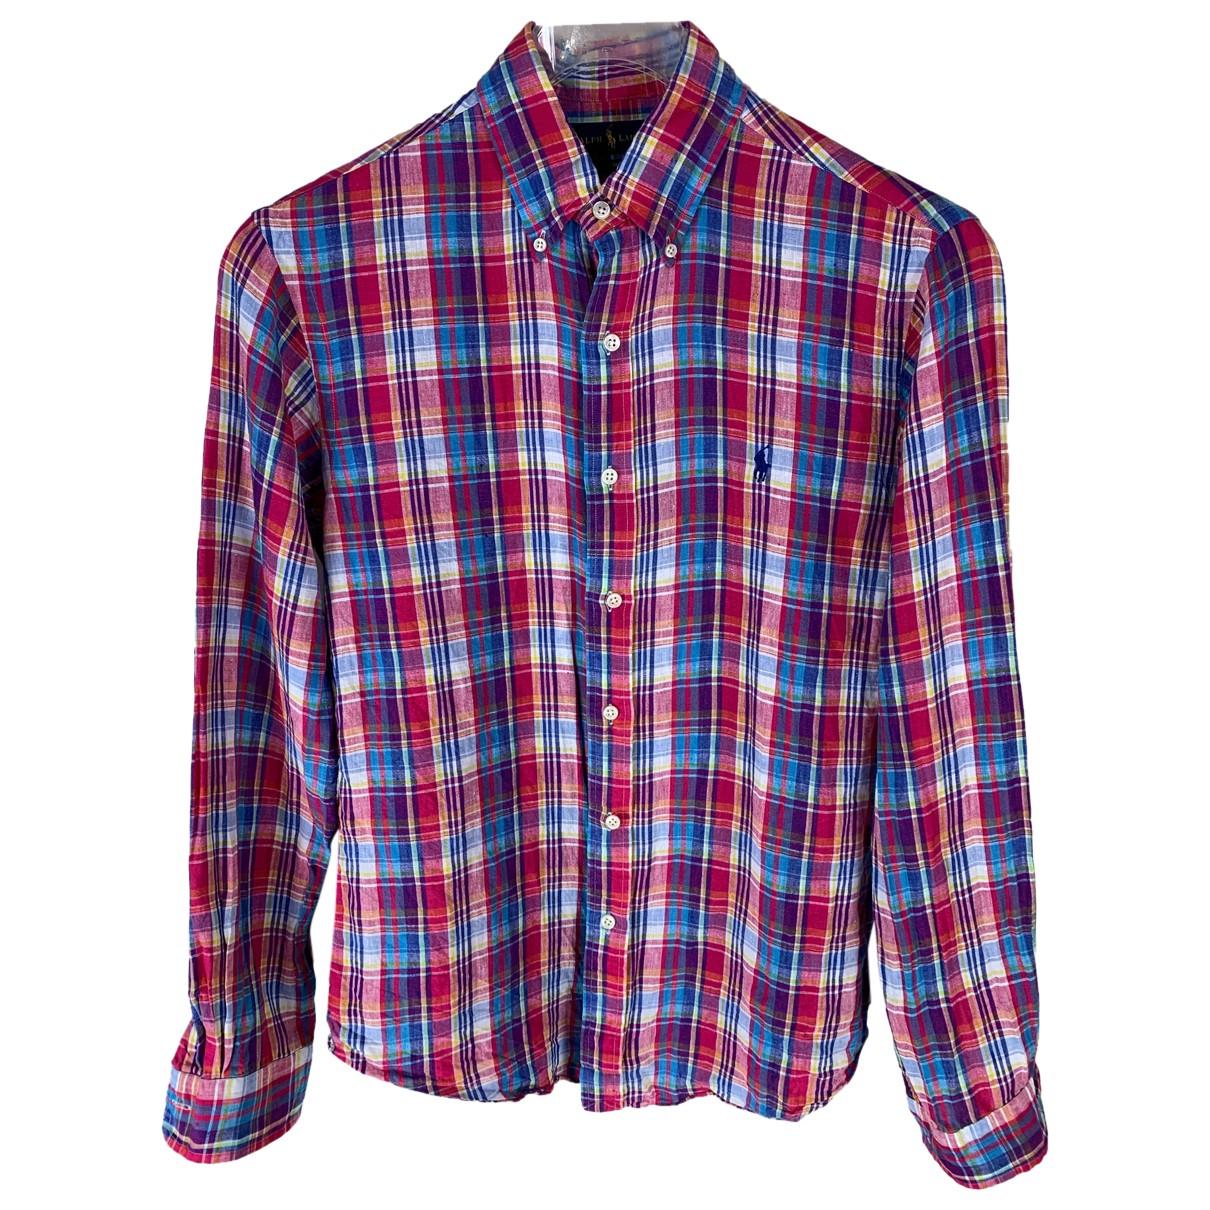 Ralph Lauren - Chemises   pour homme en lin - multicolore